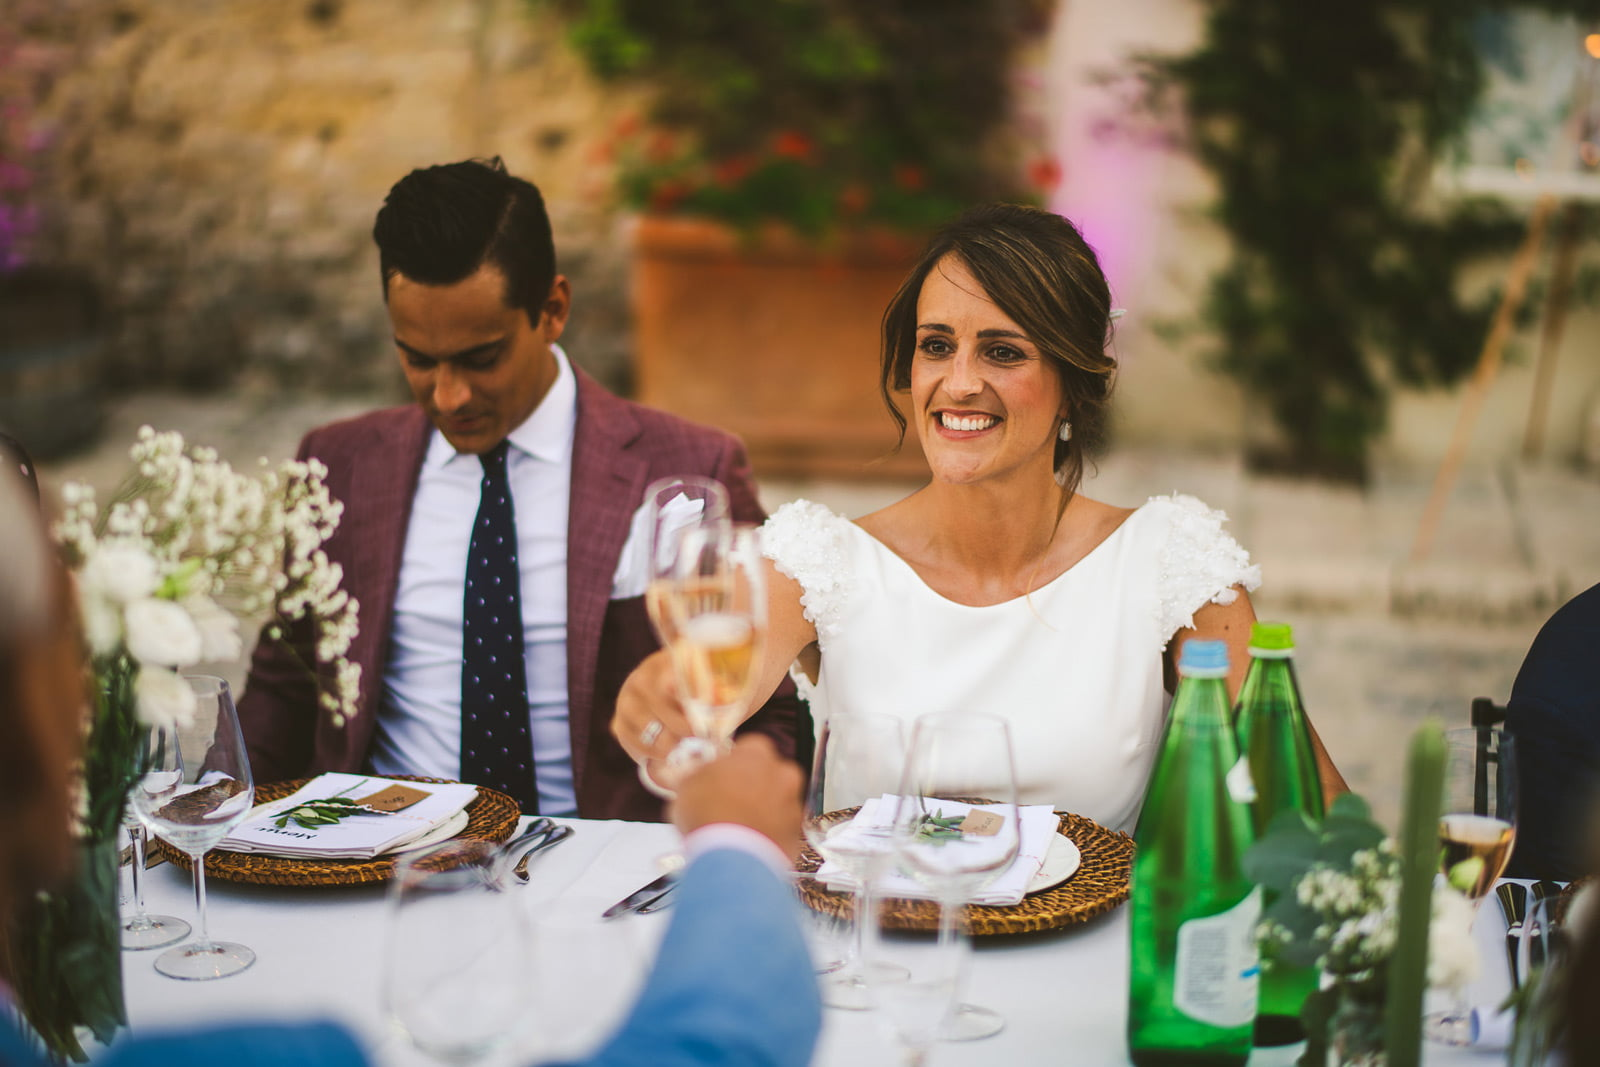 Wedding at Castello di Titignano, M+H Wedding at Castello di Titignano – Federico Pannacci Photography, Federico Pannacci